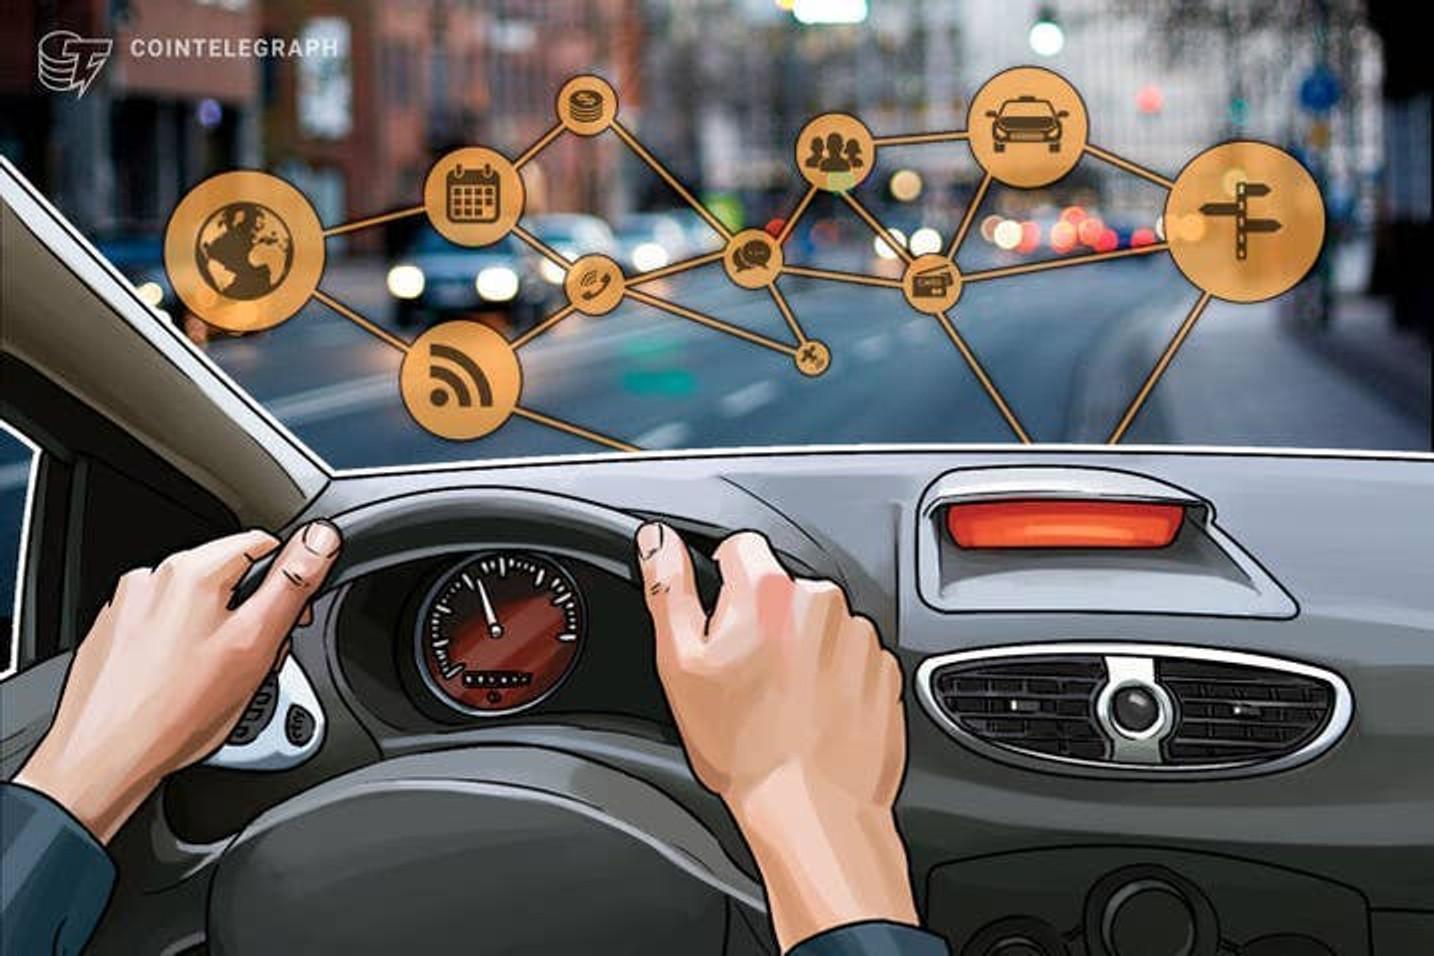 Visa firma una alianza con Fiat, Jeep y McDonald's, entre otros, para crear un sistema de pago digital en los vehículos que incluye las criptomonedas